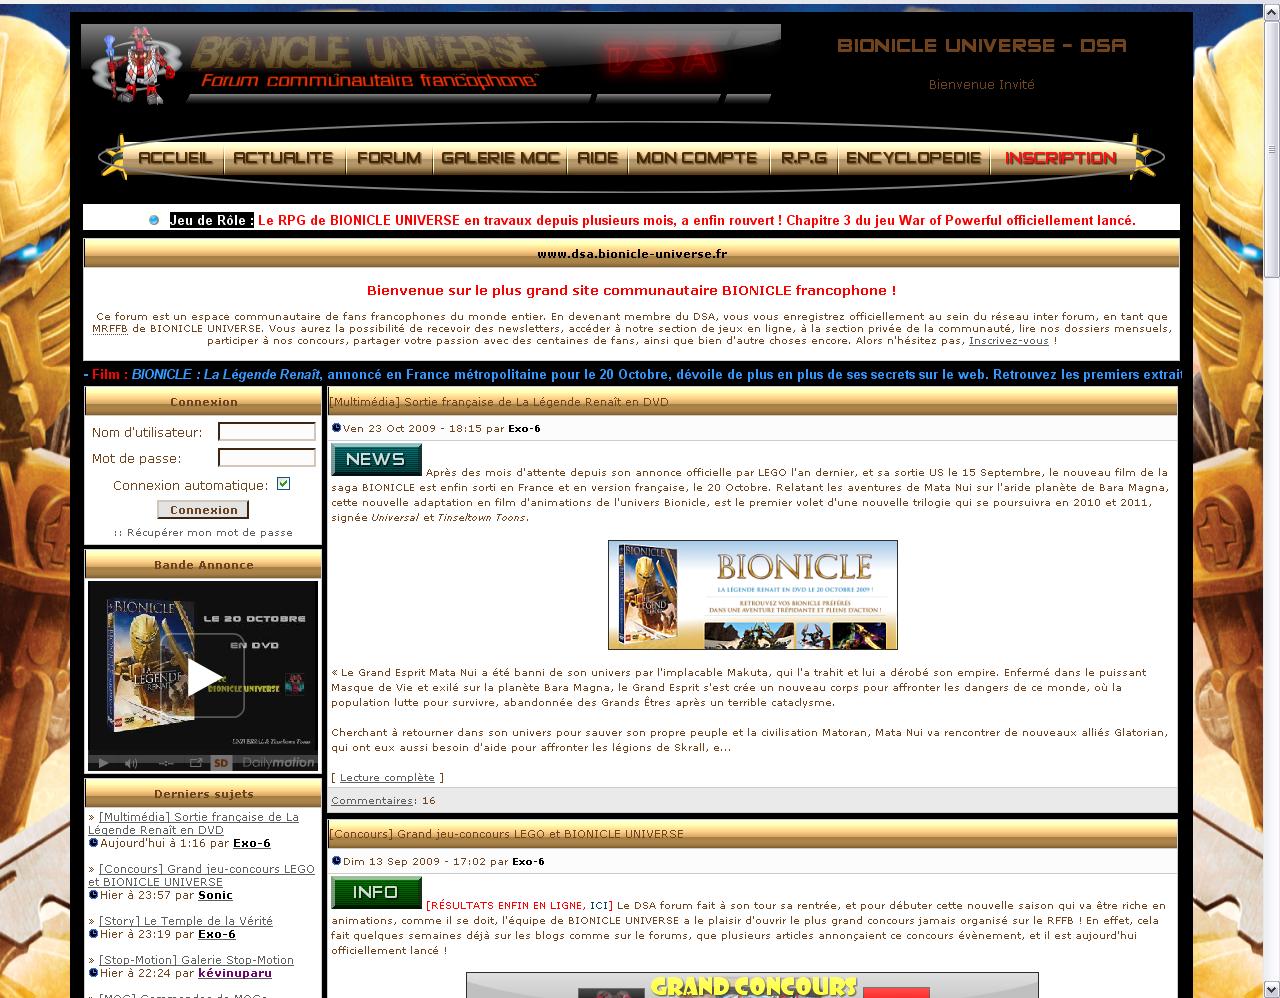 [Blog] Le BIONIFIGS nouveau est arrivé ! - Page 4 2009_-_bionicle_la_legende_renait